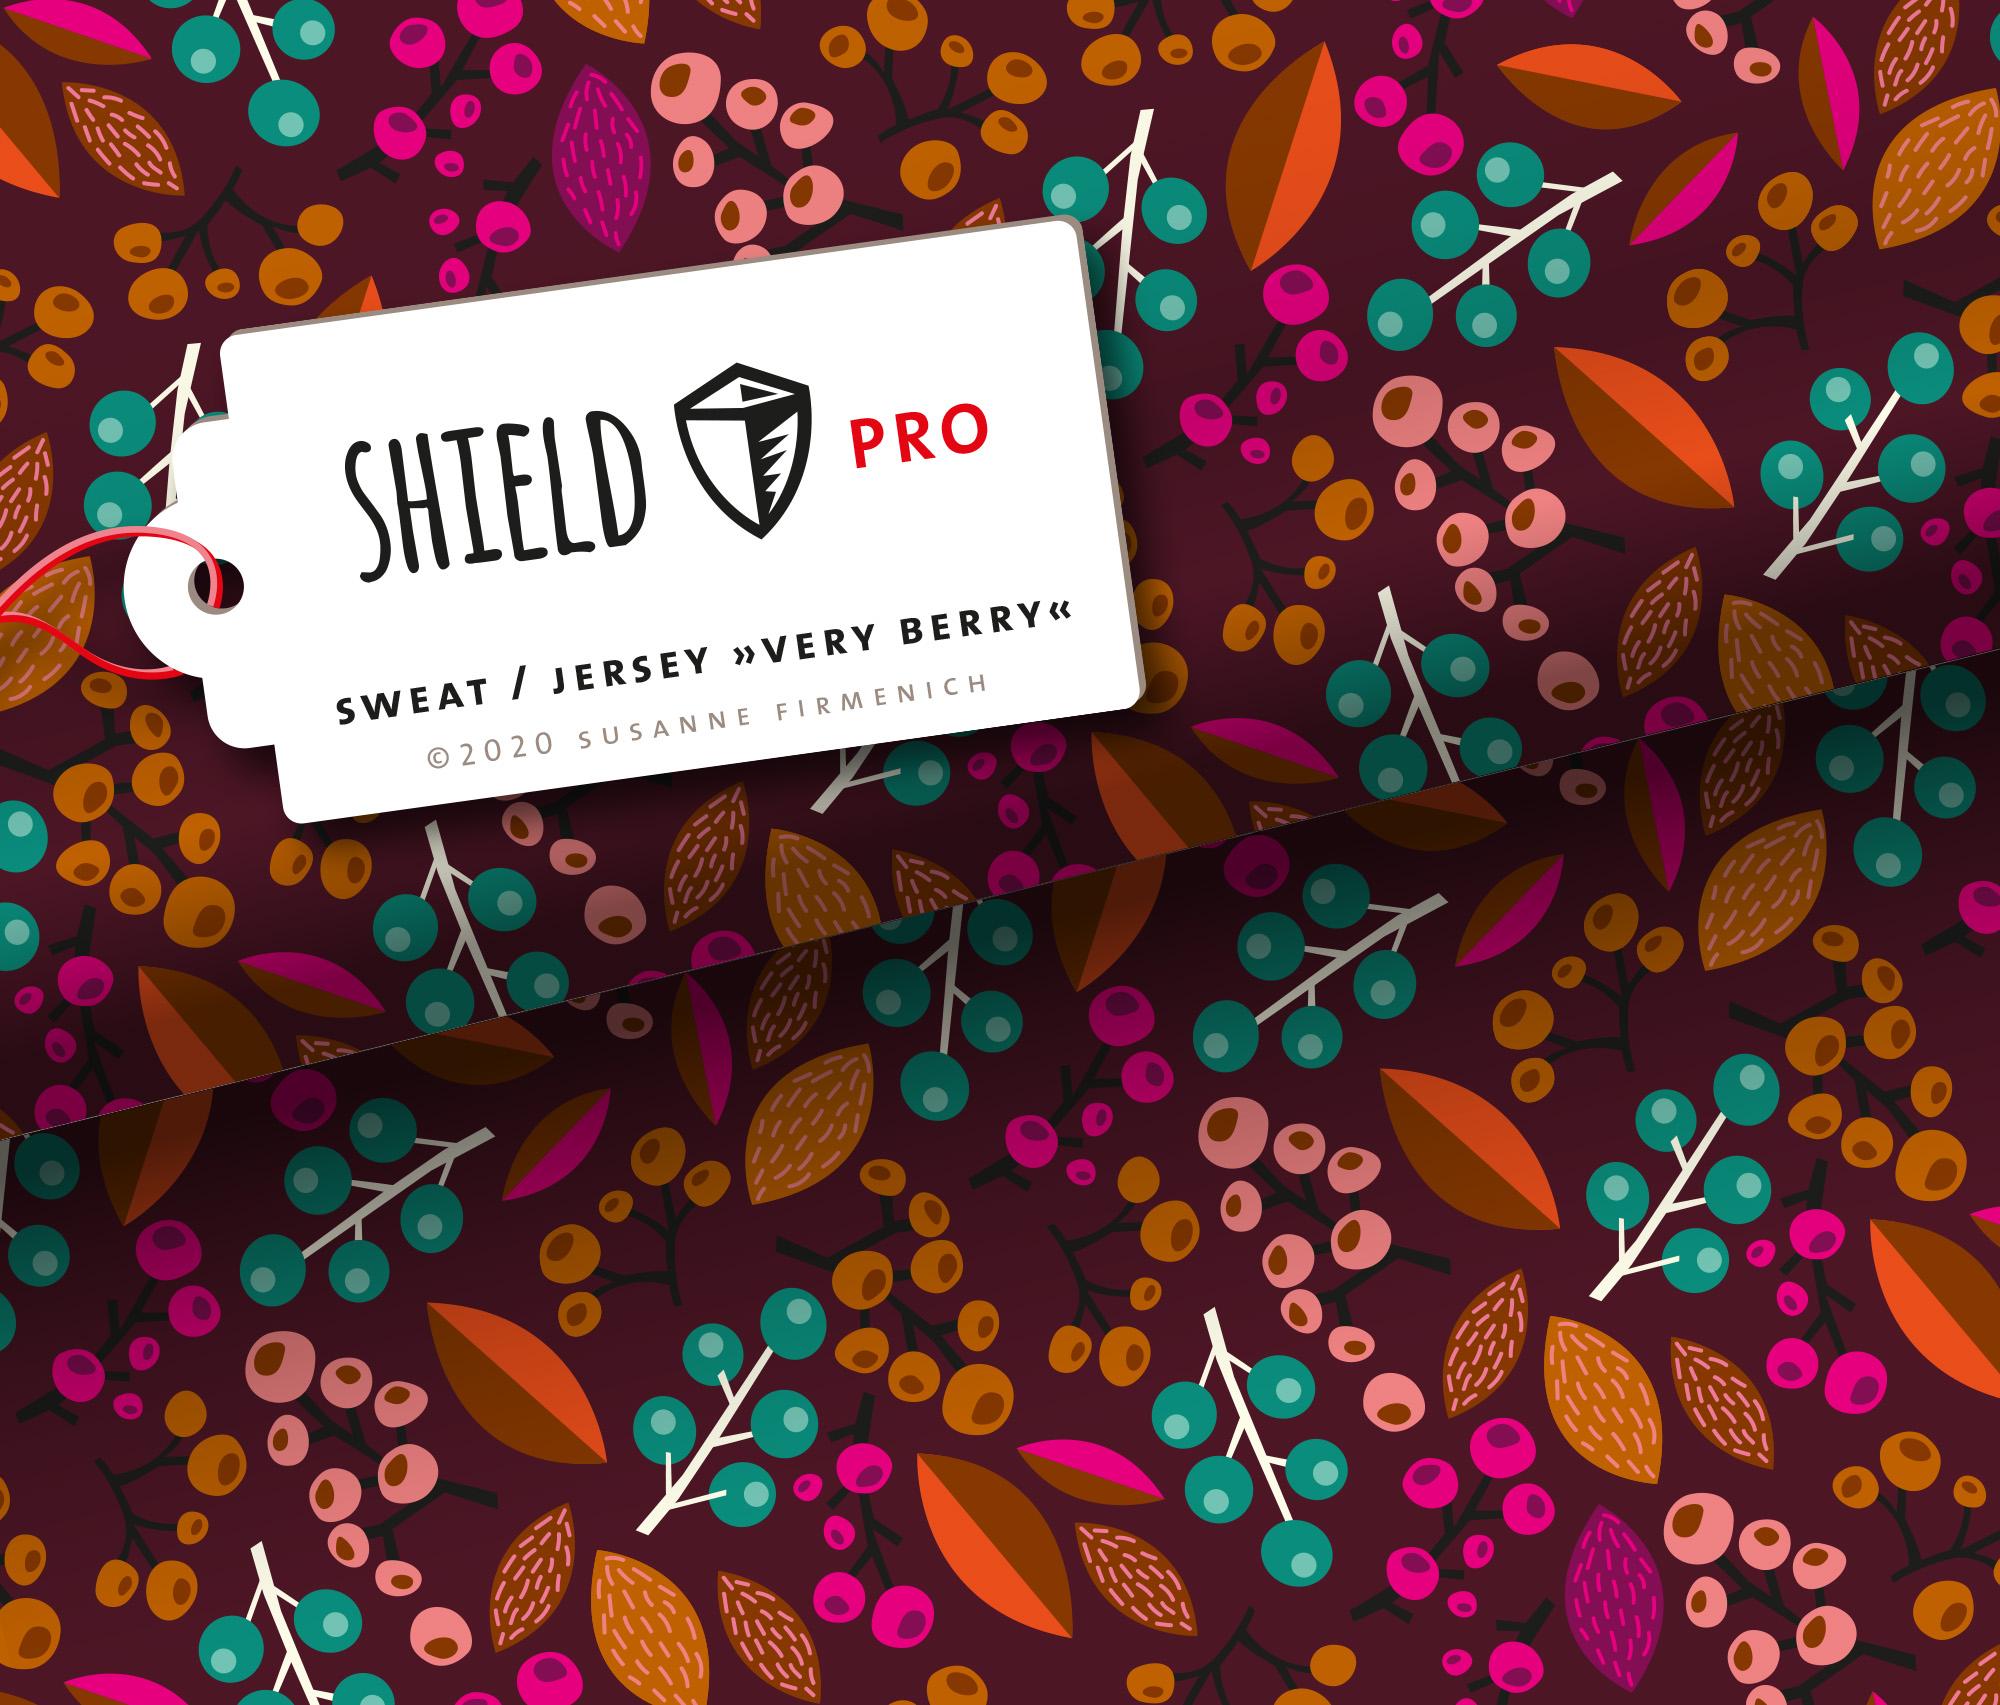 Shield Pro - Very Berry bordeaux  von Hamburger Liebe & Albstoffe - antimikrobiell für Atem-und Mundmasken!